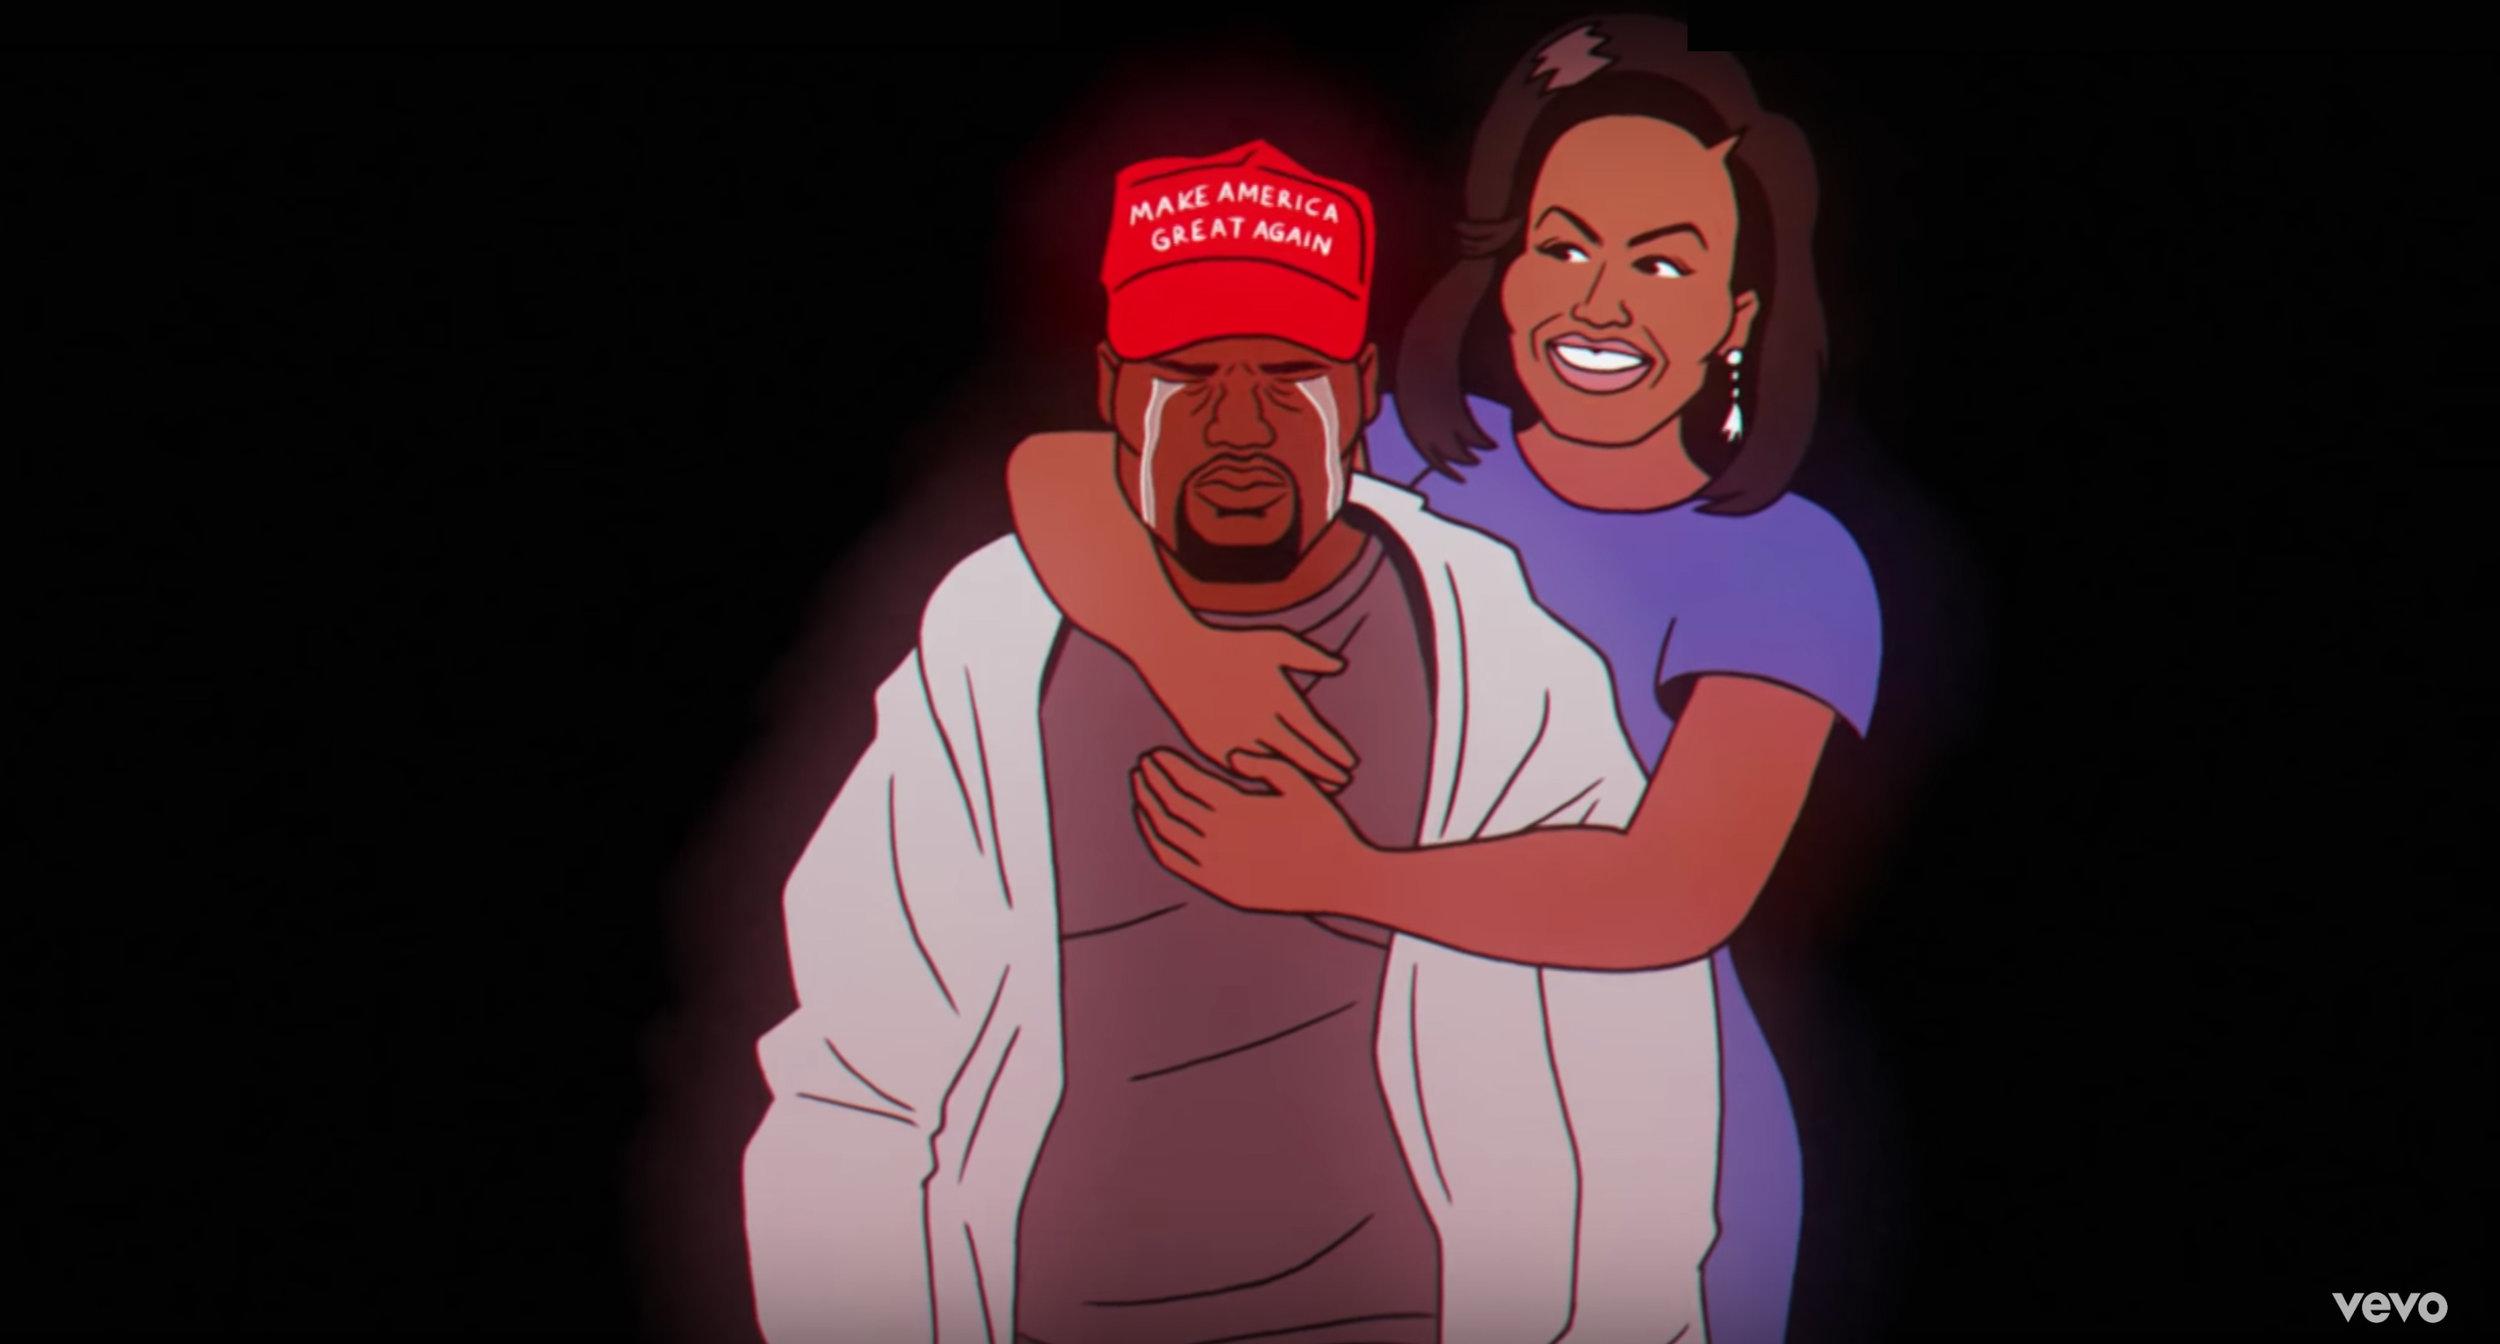 Childish-Gambino-Feels-Like-Summer-Kanye-West-Michelle-Obama.jpg